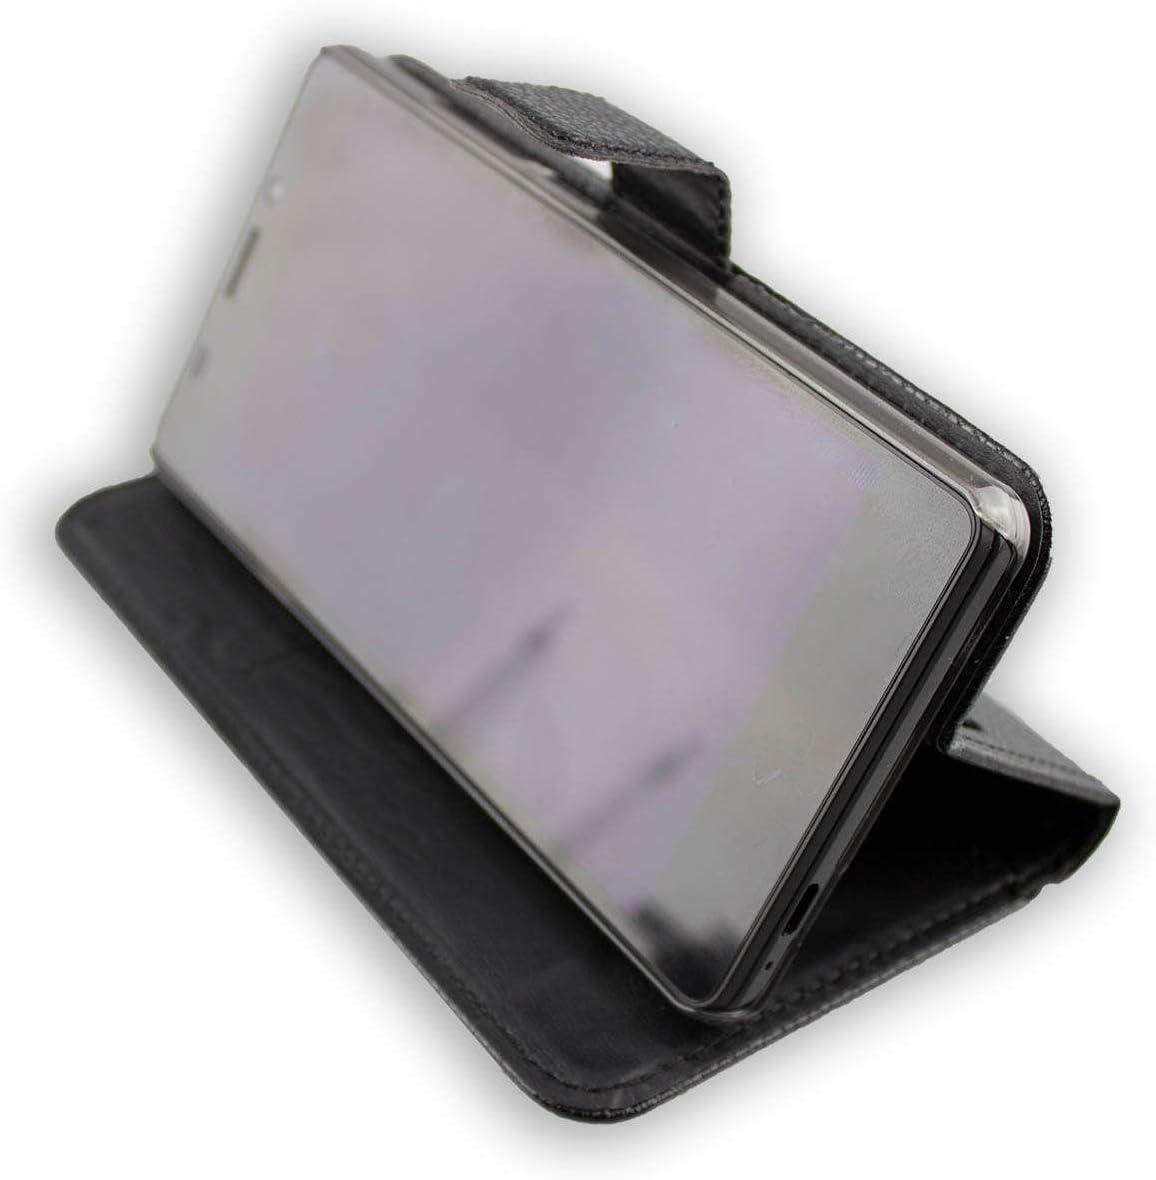 Casco para Vernee Thor E, Bookstyle-Case Funda Protectora a Prueba de Golpes para Smartphone (Carcasa de Color Negro): Amazon.es: Electrónica